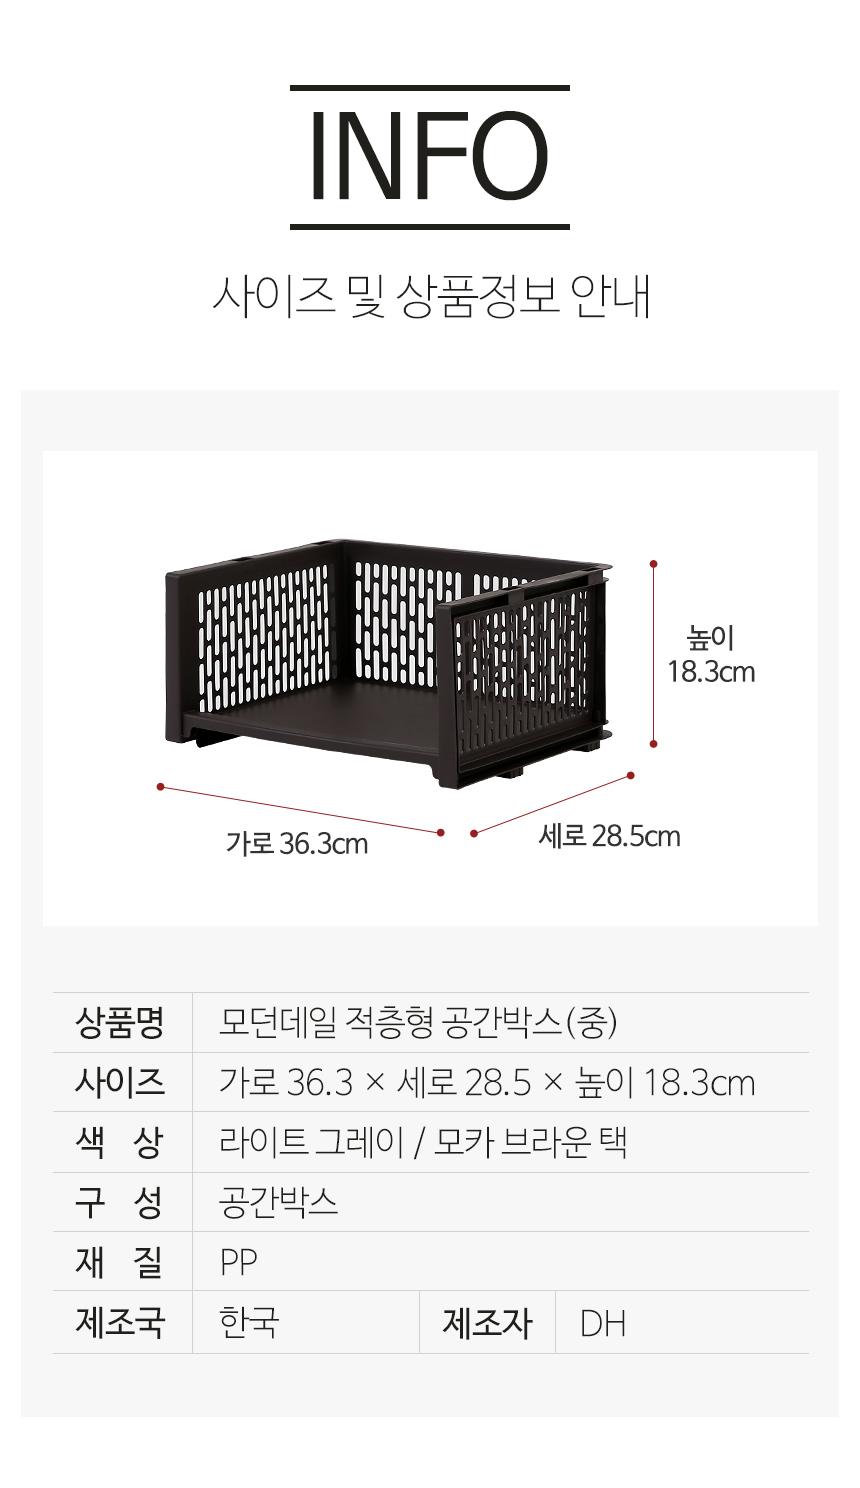 모던데일 적층형 공간박스(중) - 더홈, 7,900원, 정리/리빙박스, 플라스틱 리빙박스